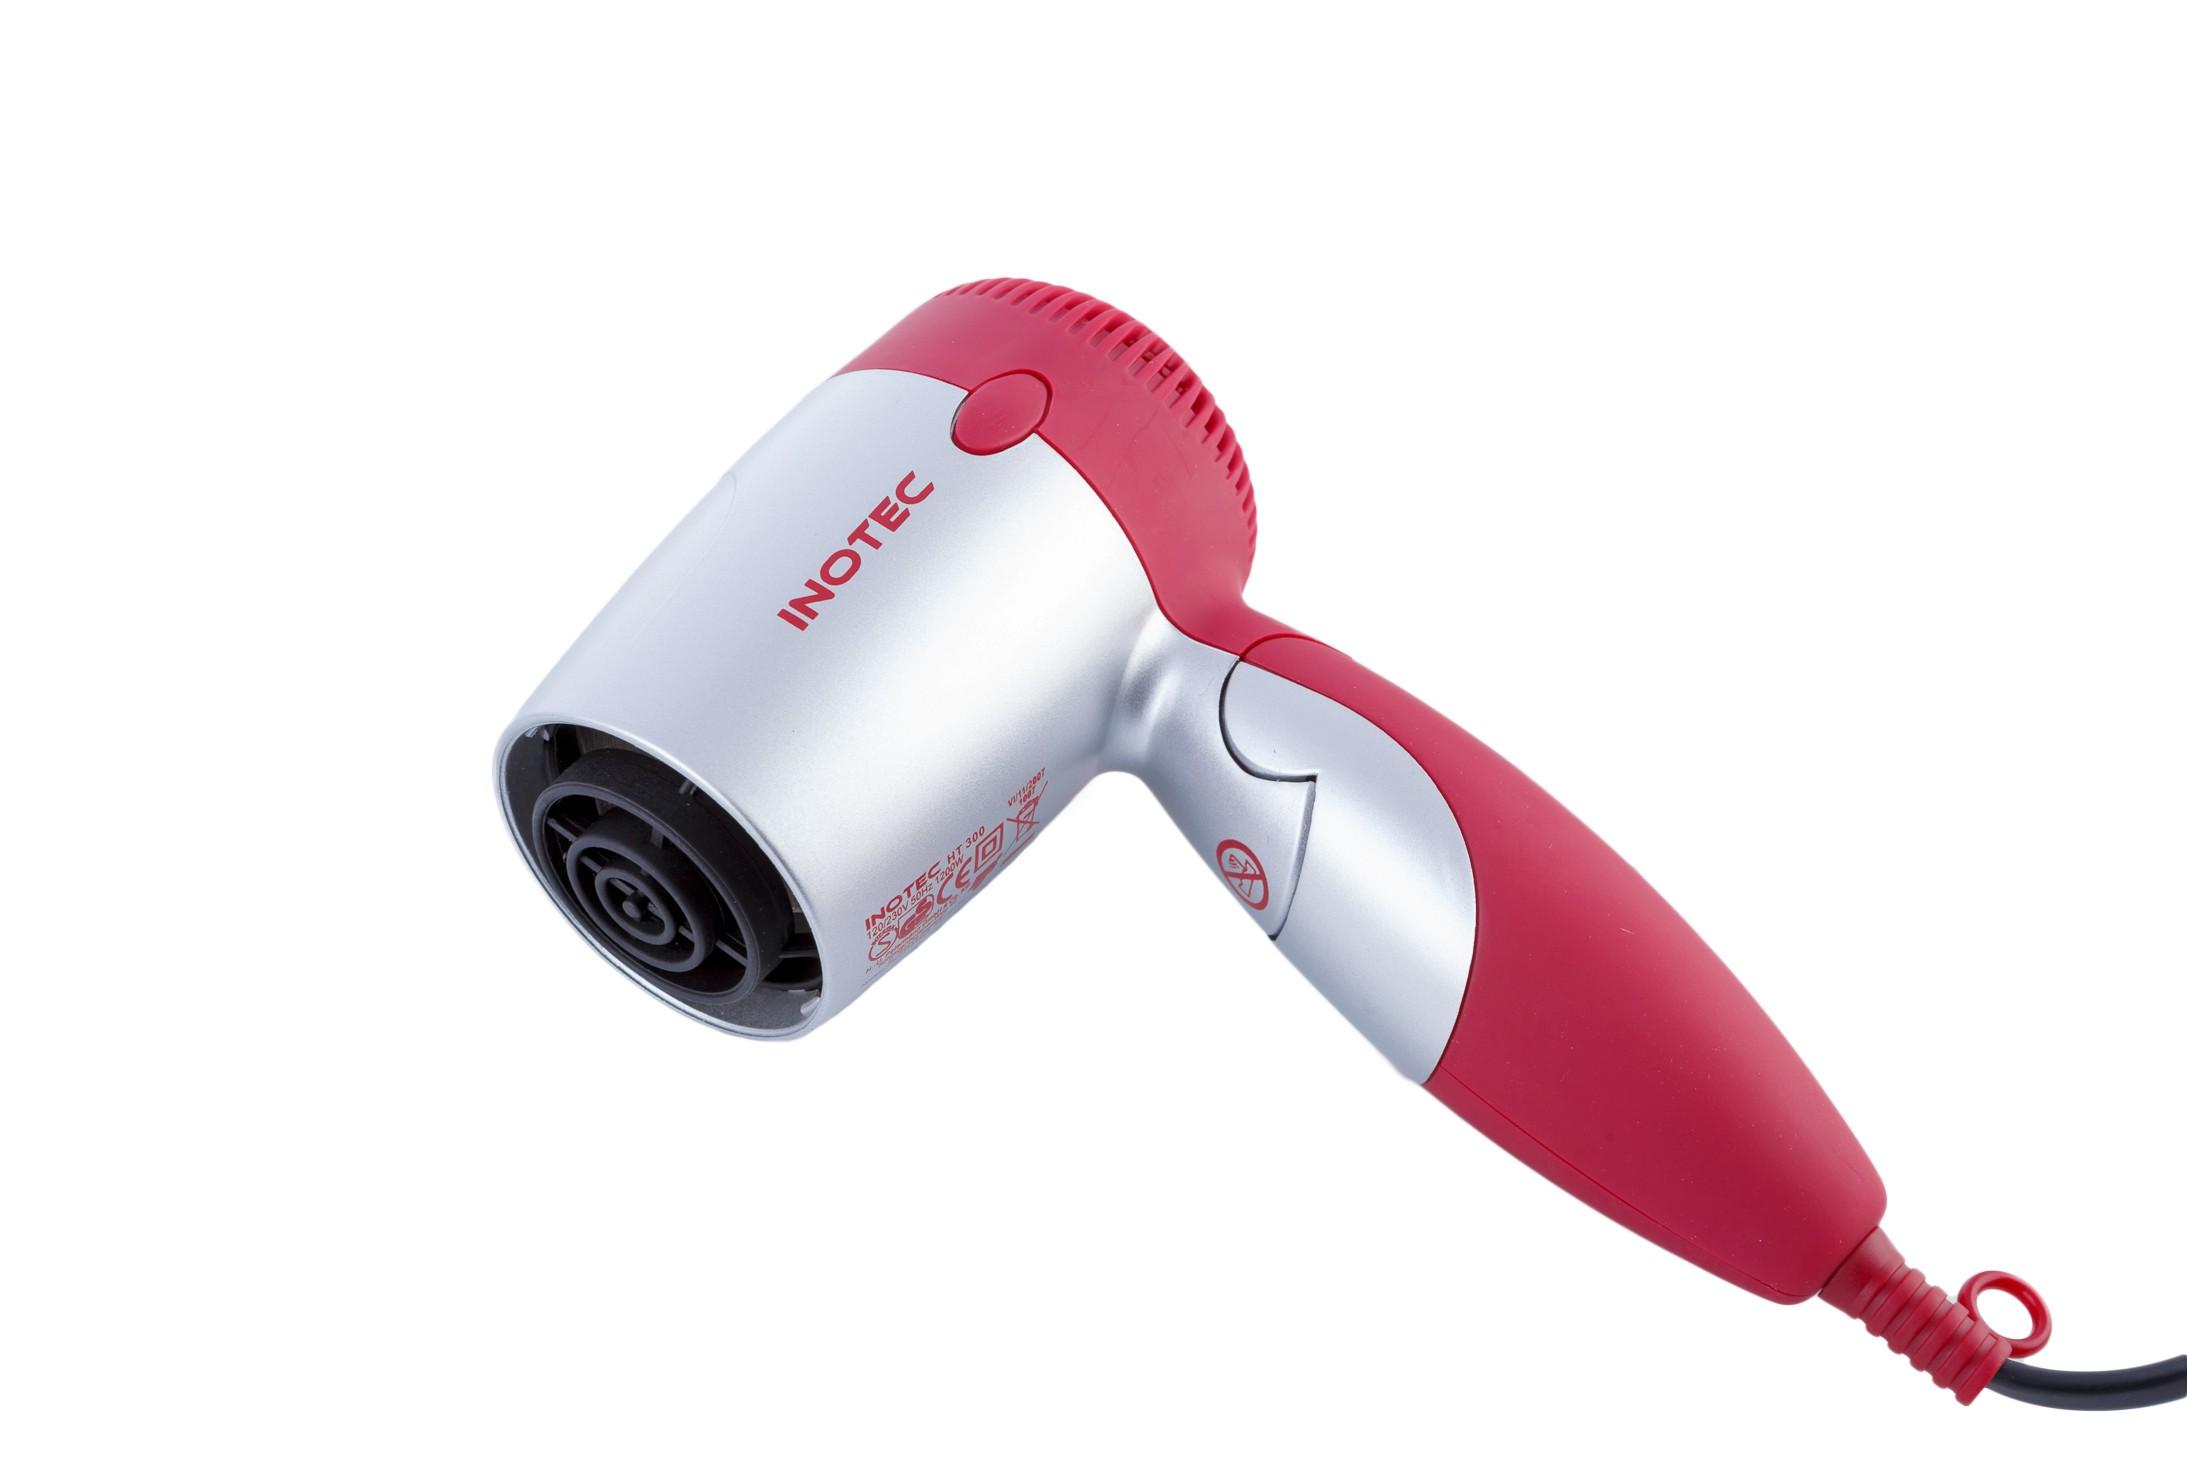 Дорожный набор для укладки волос Inotec, фото 3